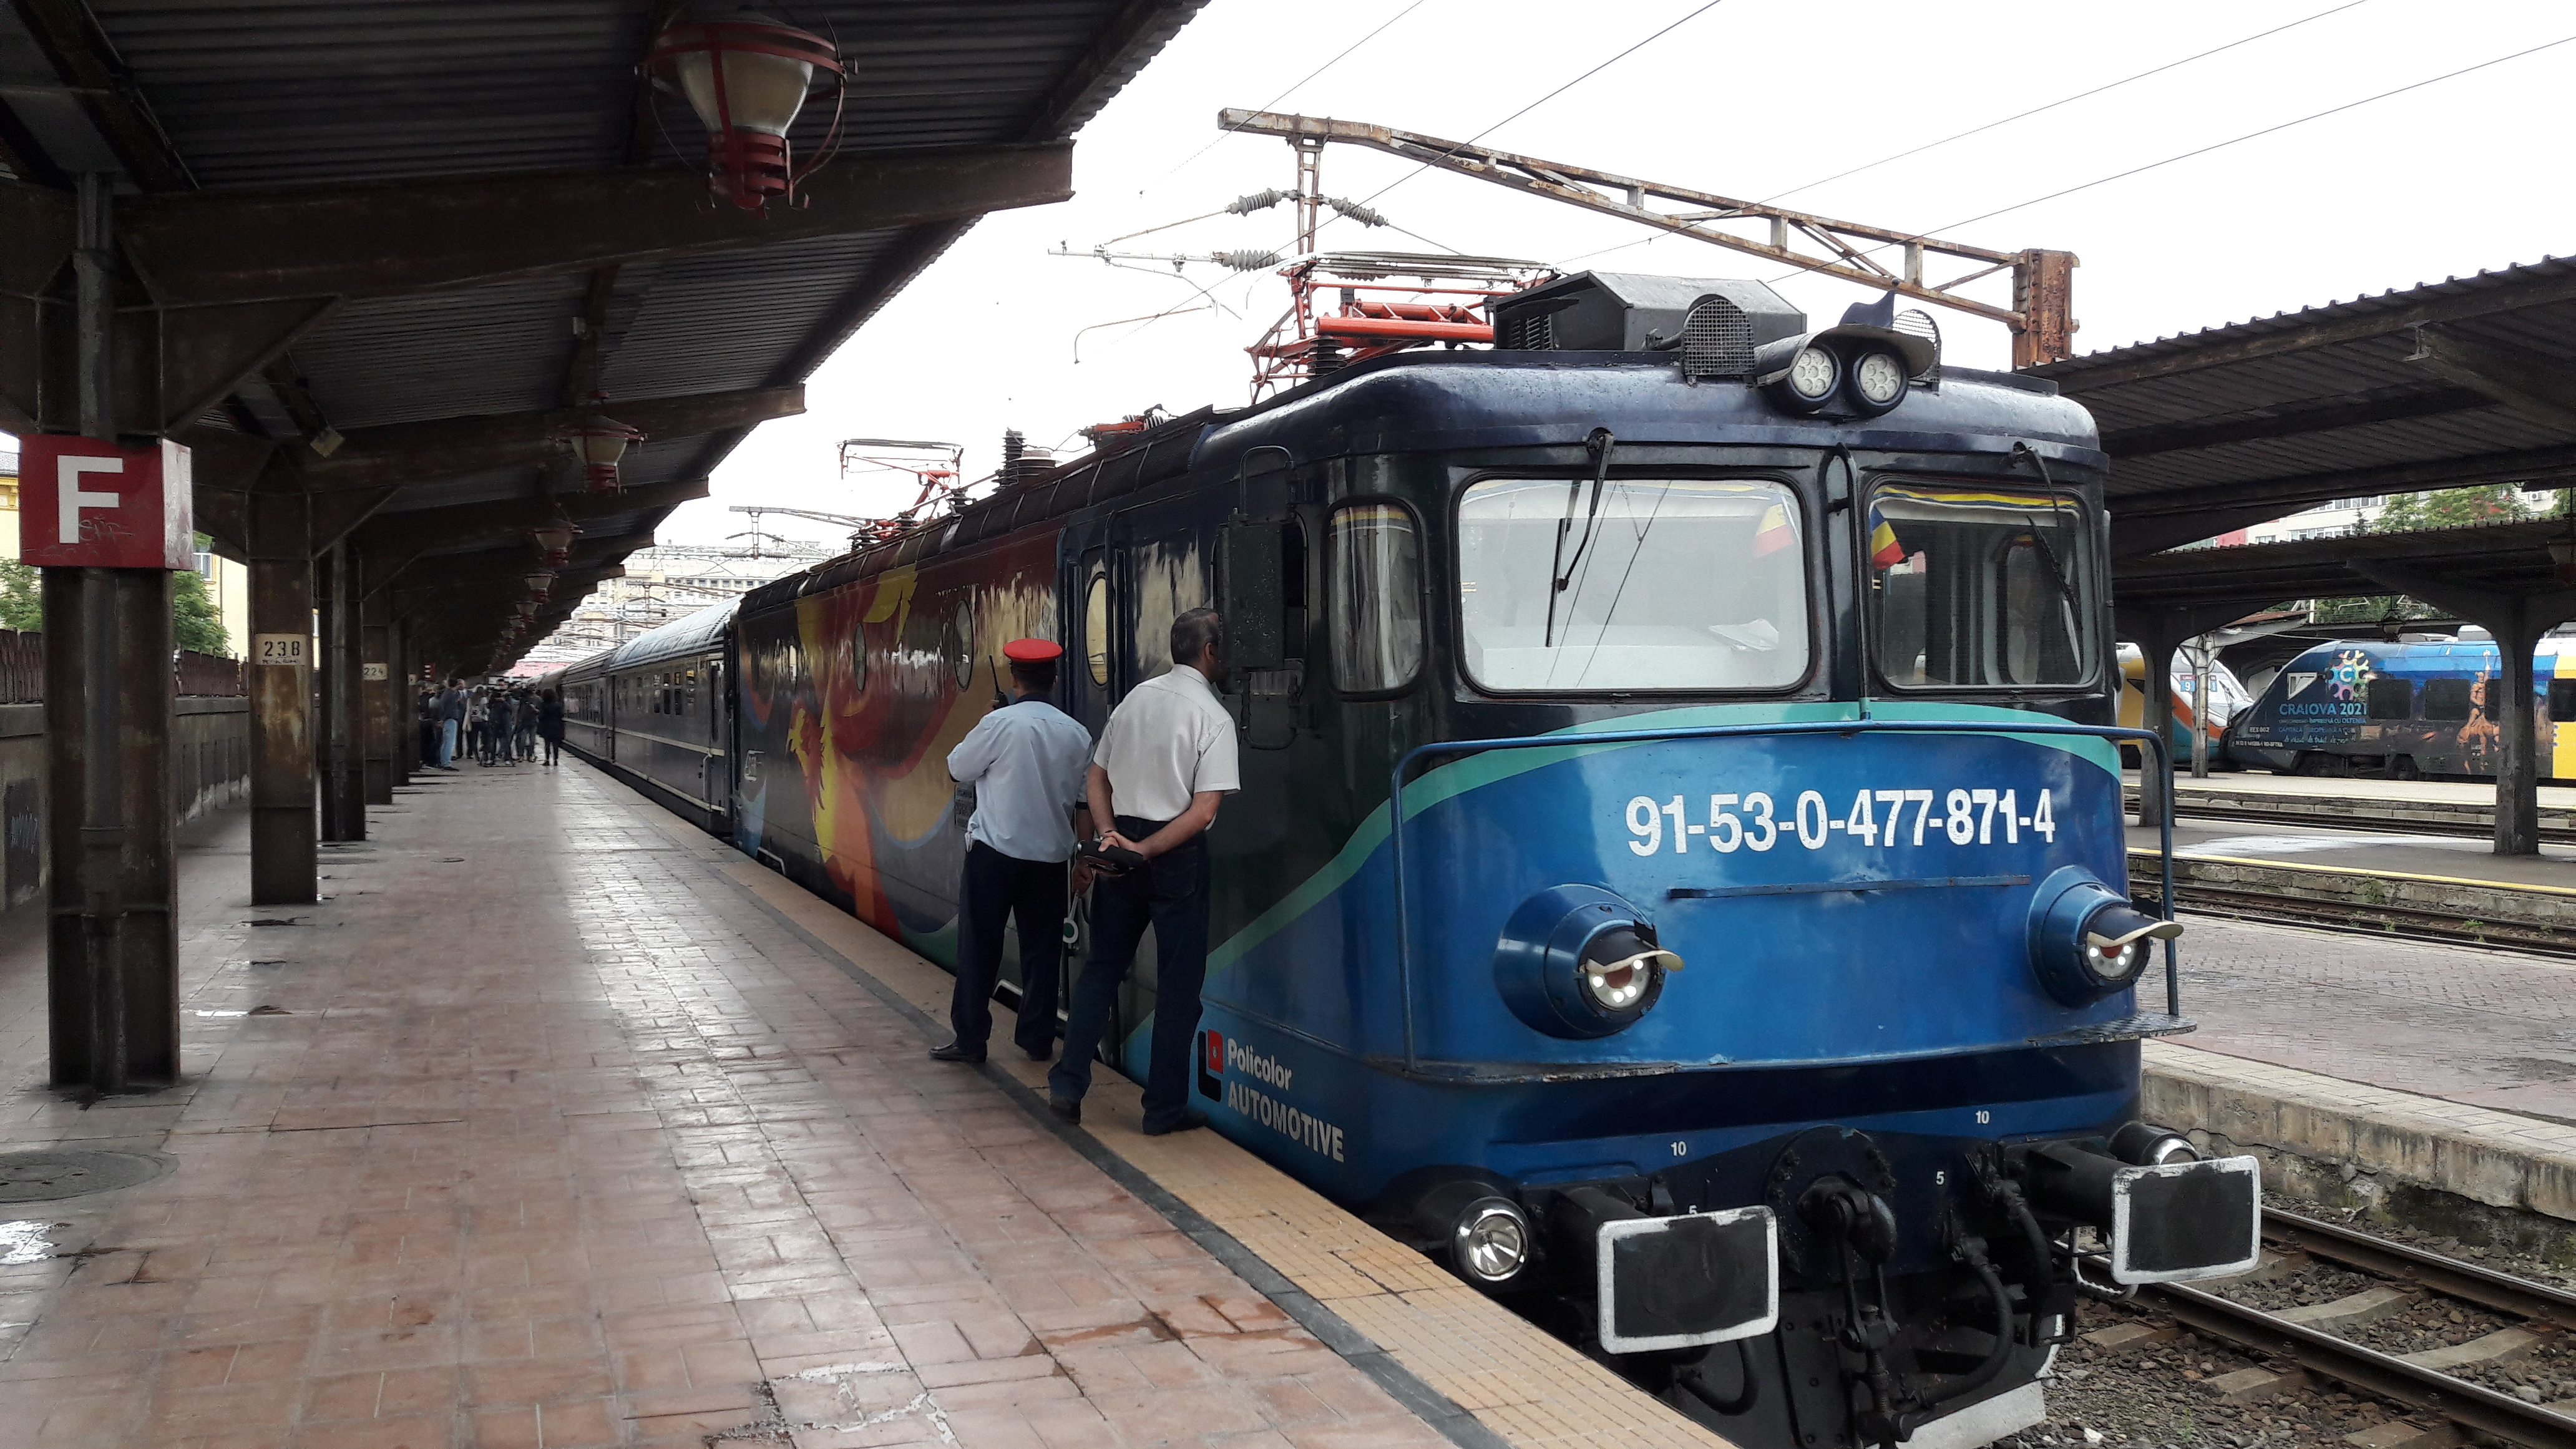 Modificări de traseu pentru trenurile care trec prin Ploieşti. CFR va reabilita podul de la Ploieşti Sud – Brazi şi anunţă devieri care vor afecta mersul trenurilor